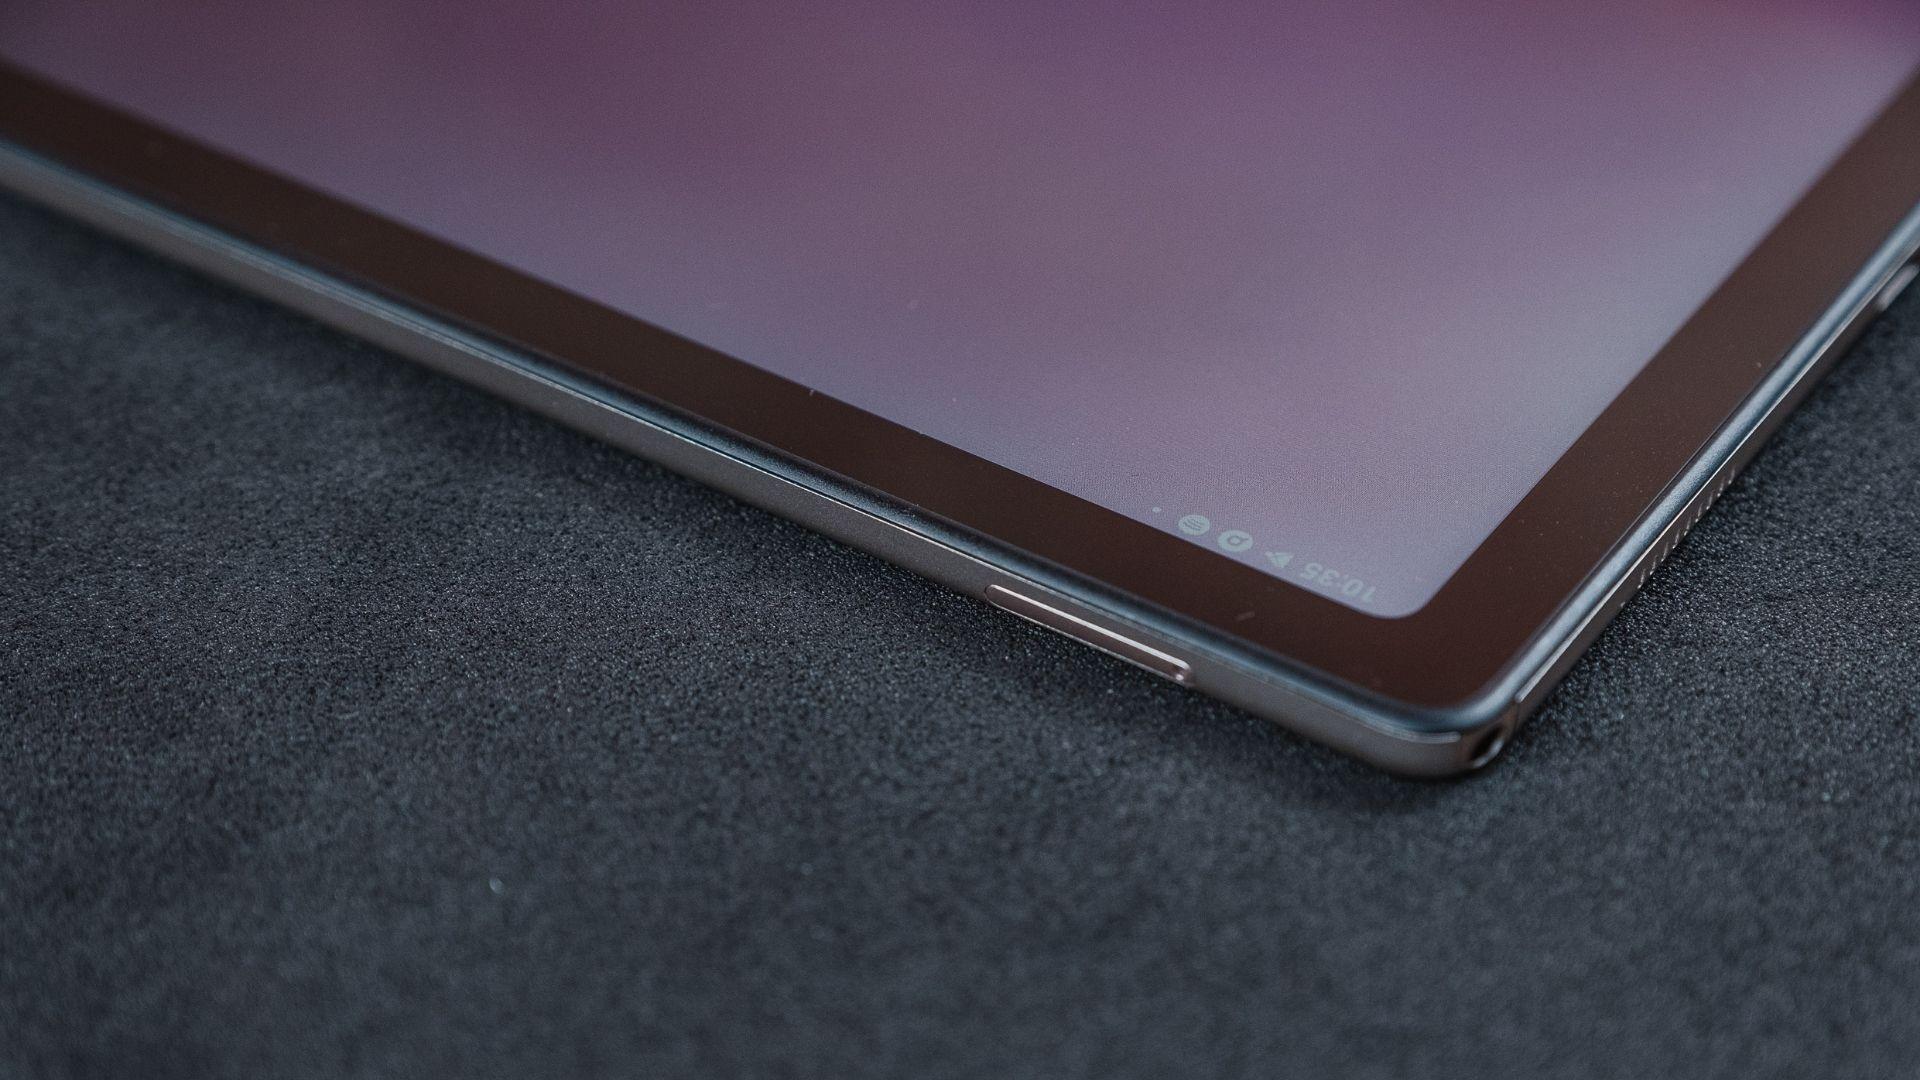 Parte do Galaxy Tab A7 com destaque para a gaveta para chip e as bordas finas